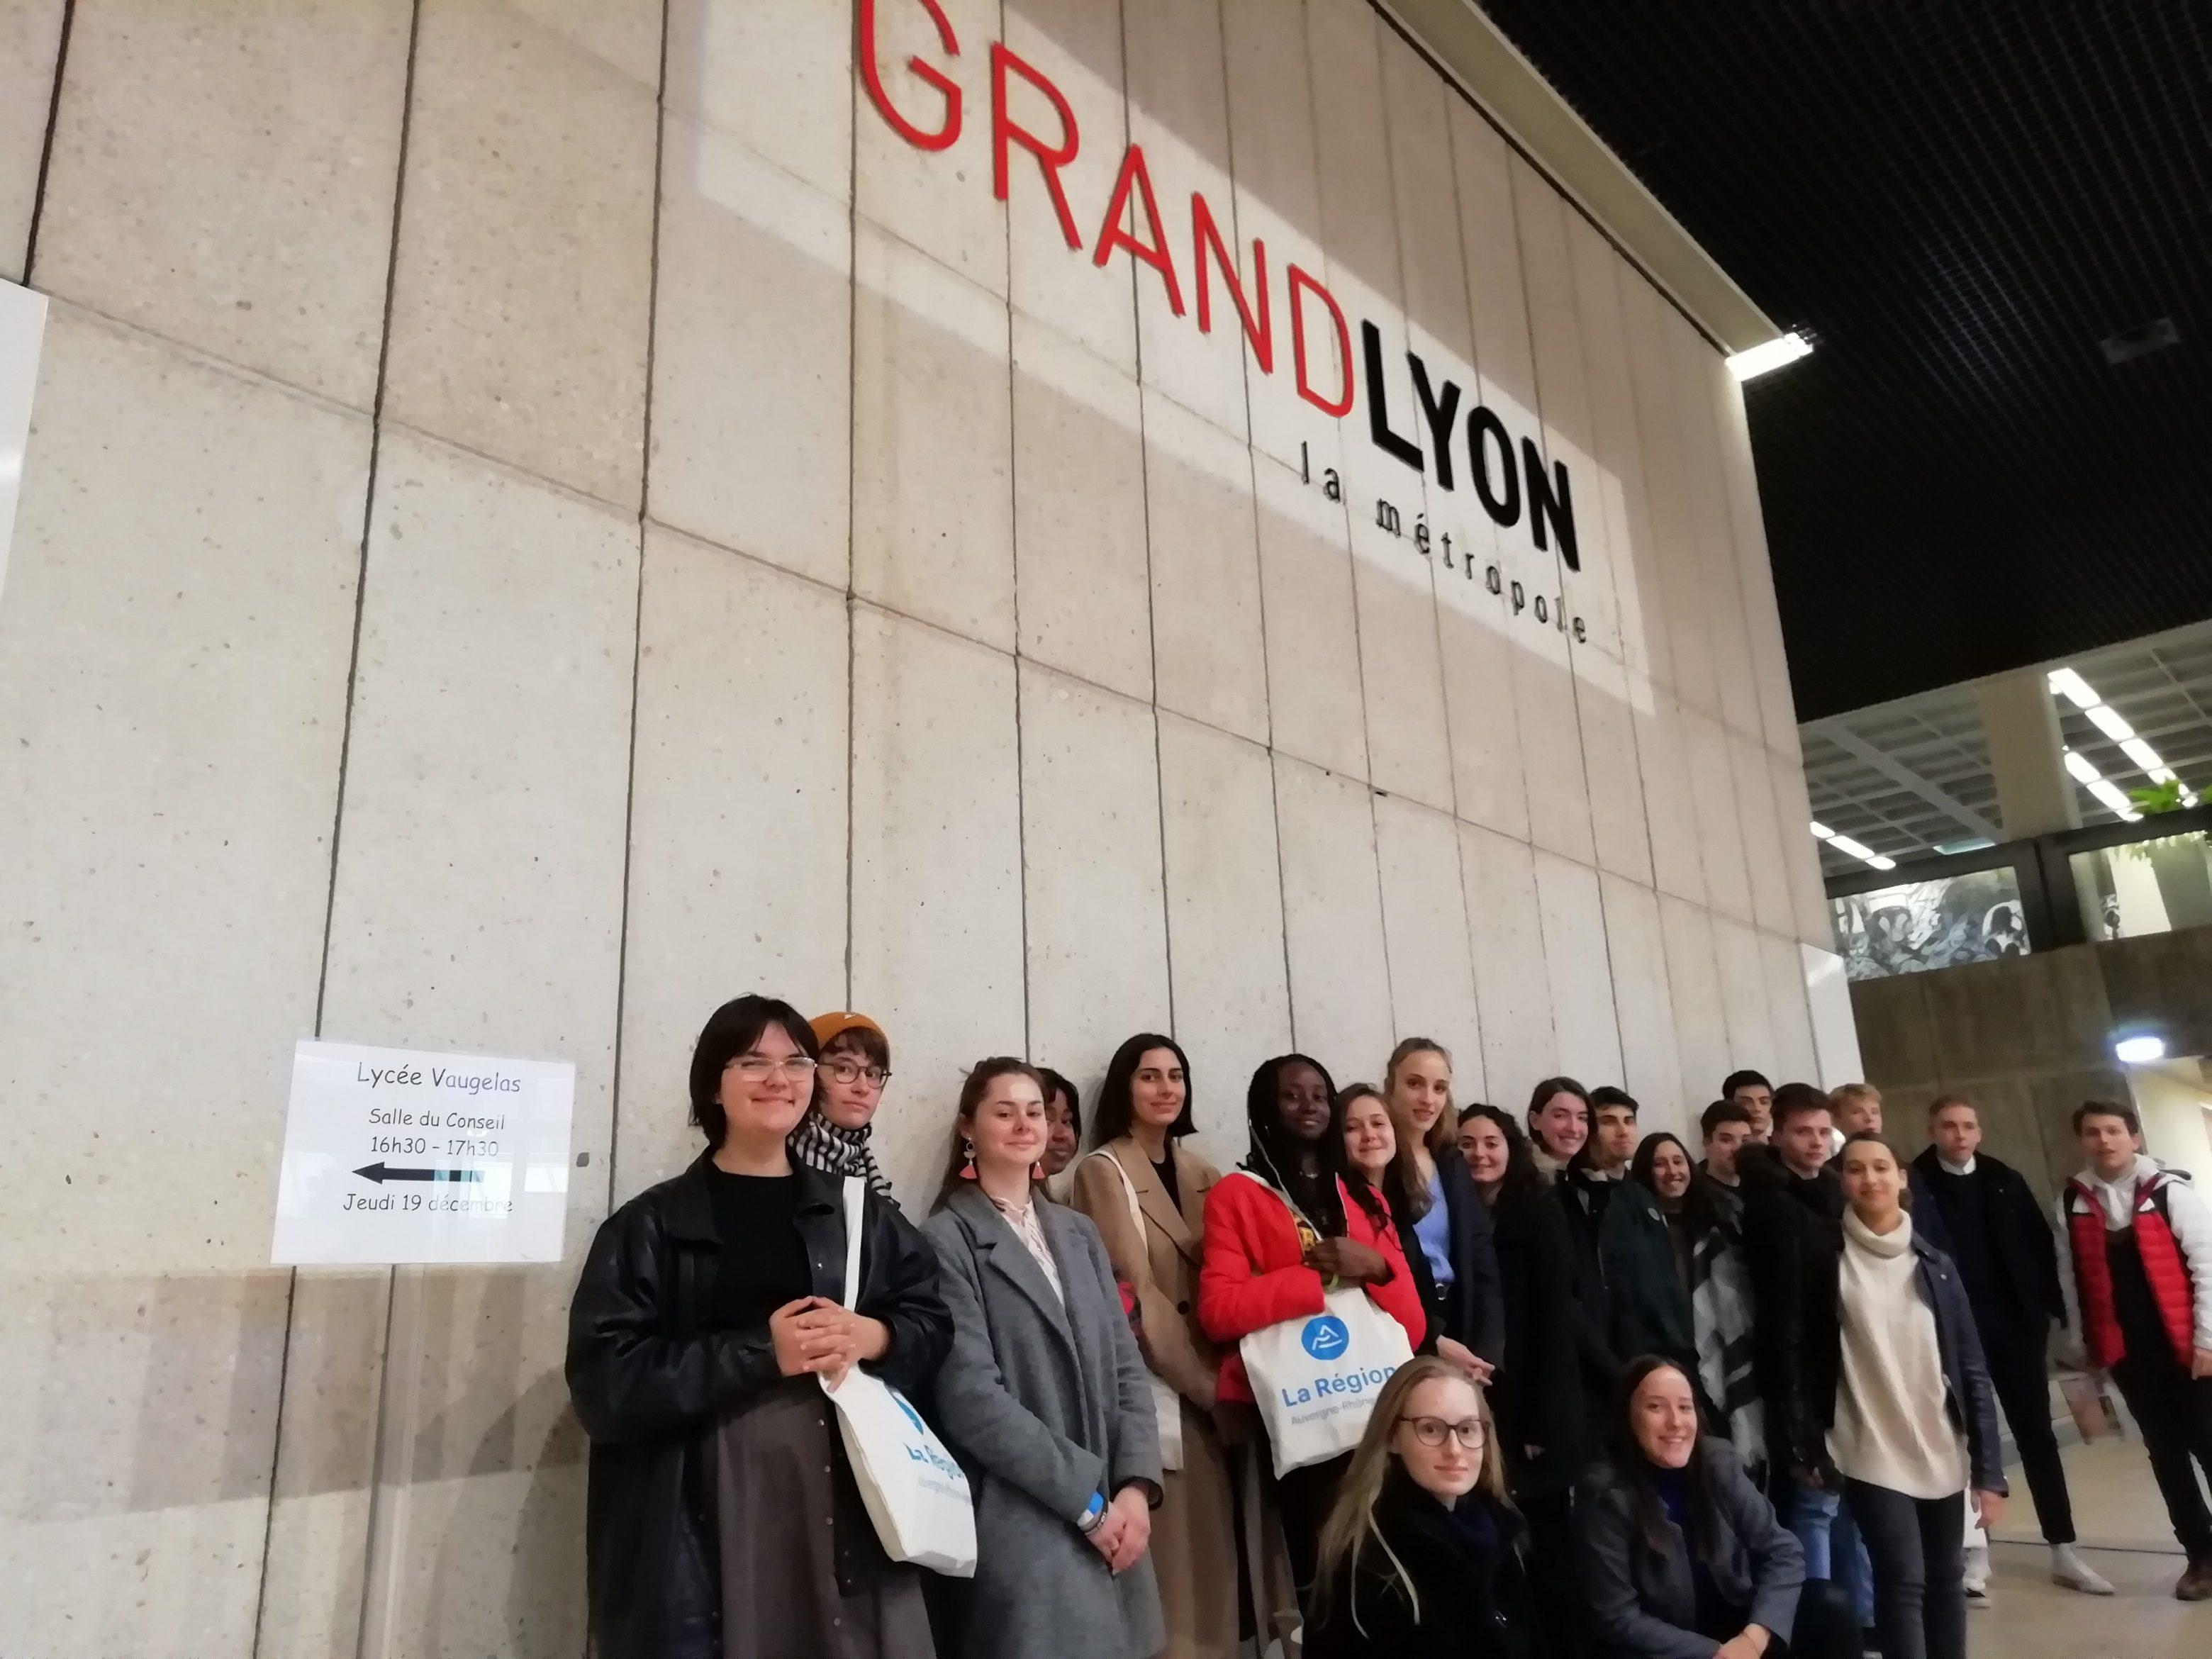 Première HGGSP  -  Lyon  -  19 /12 /2019